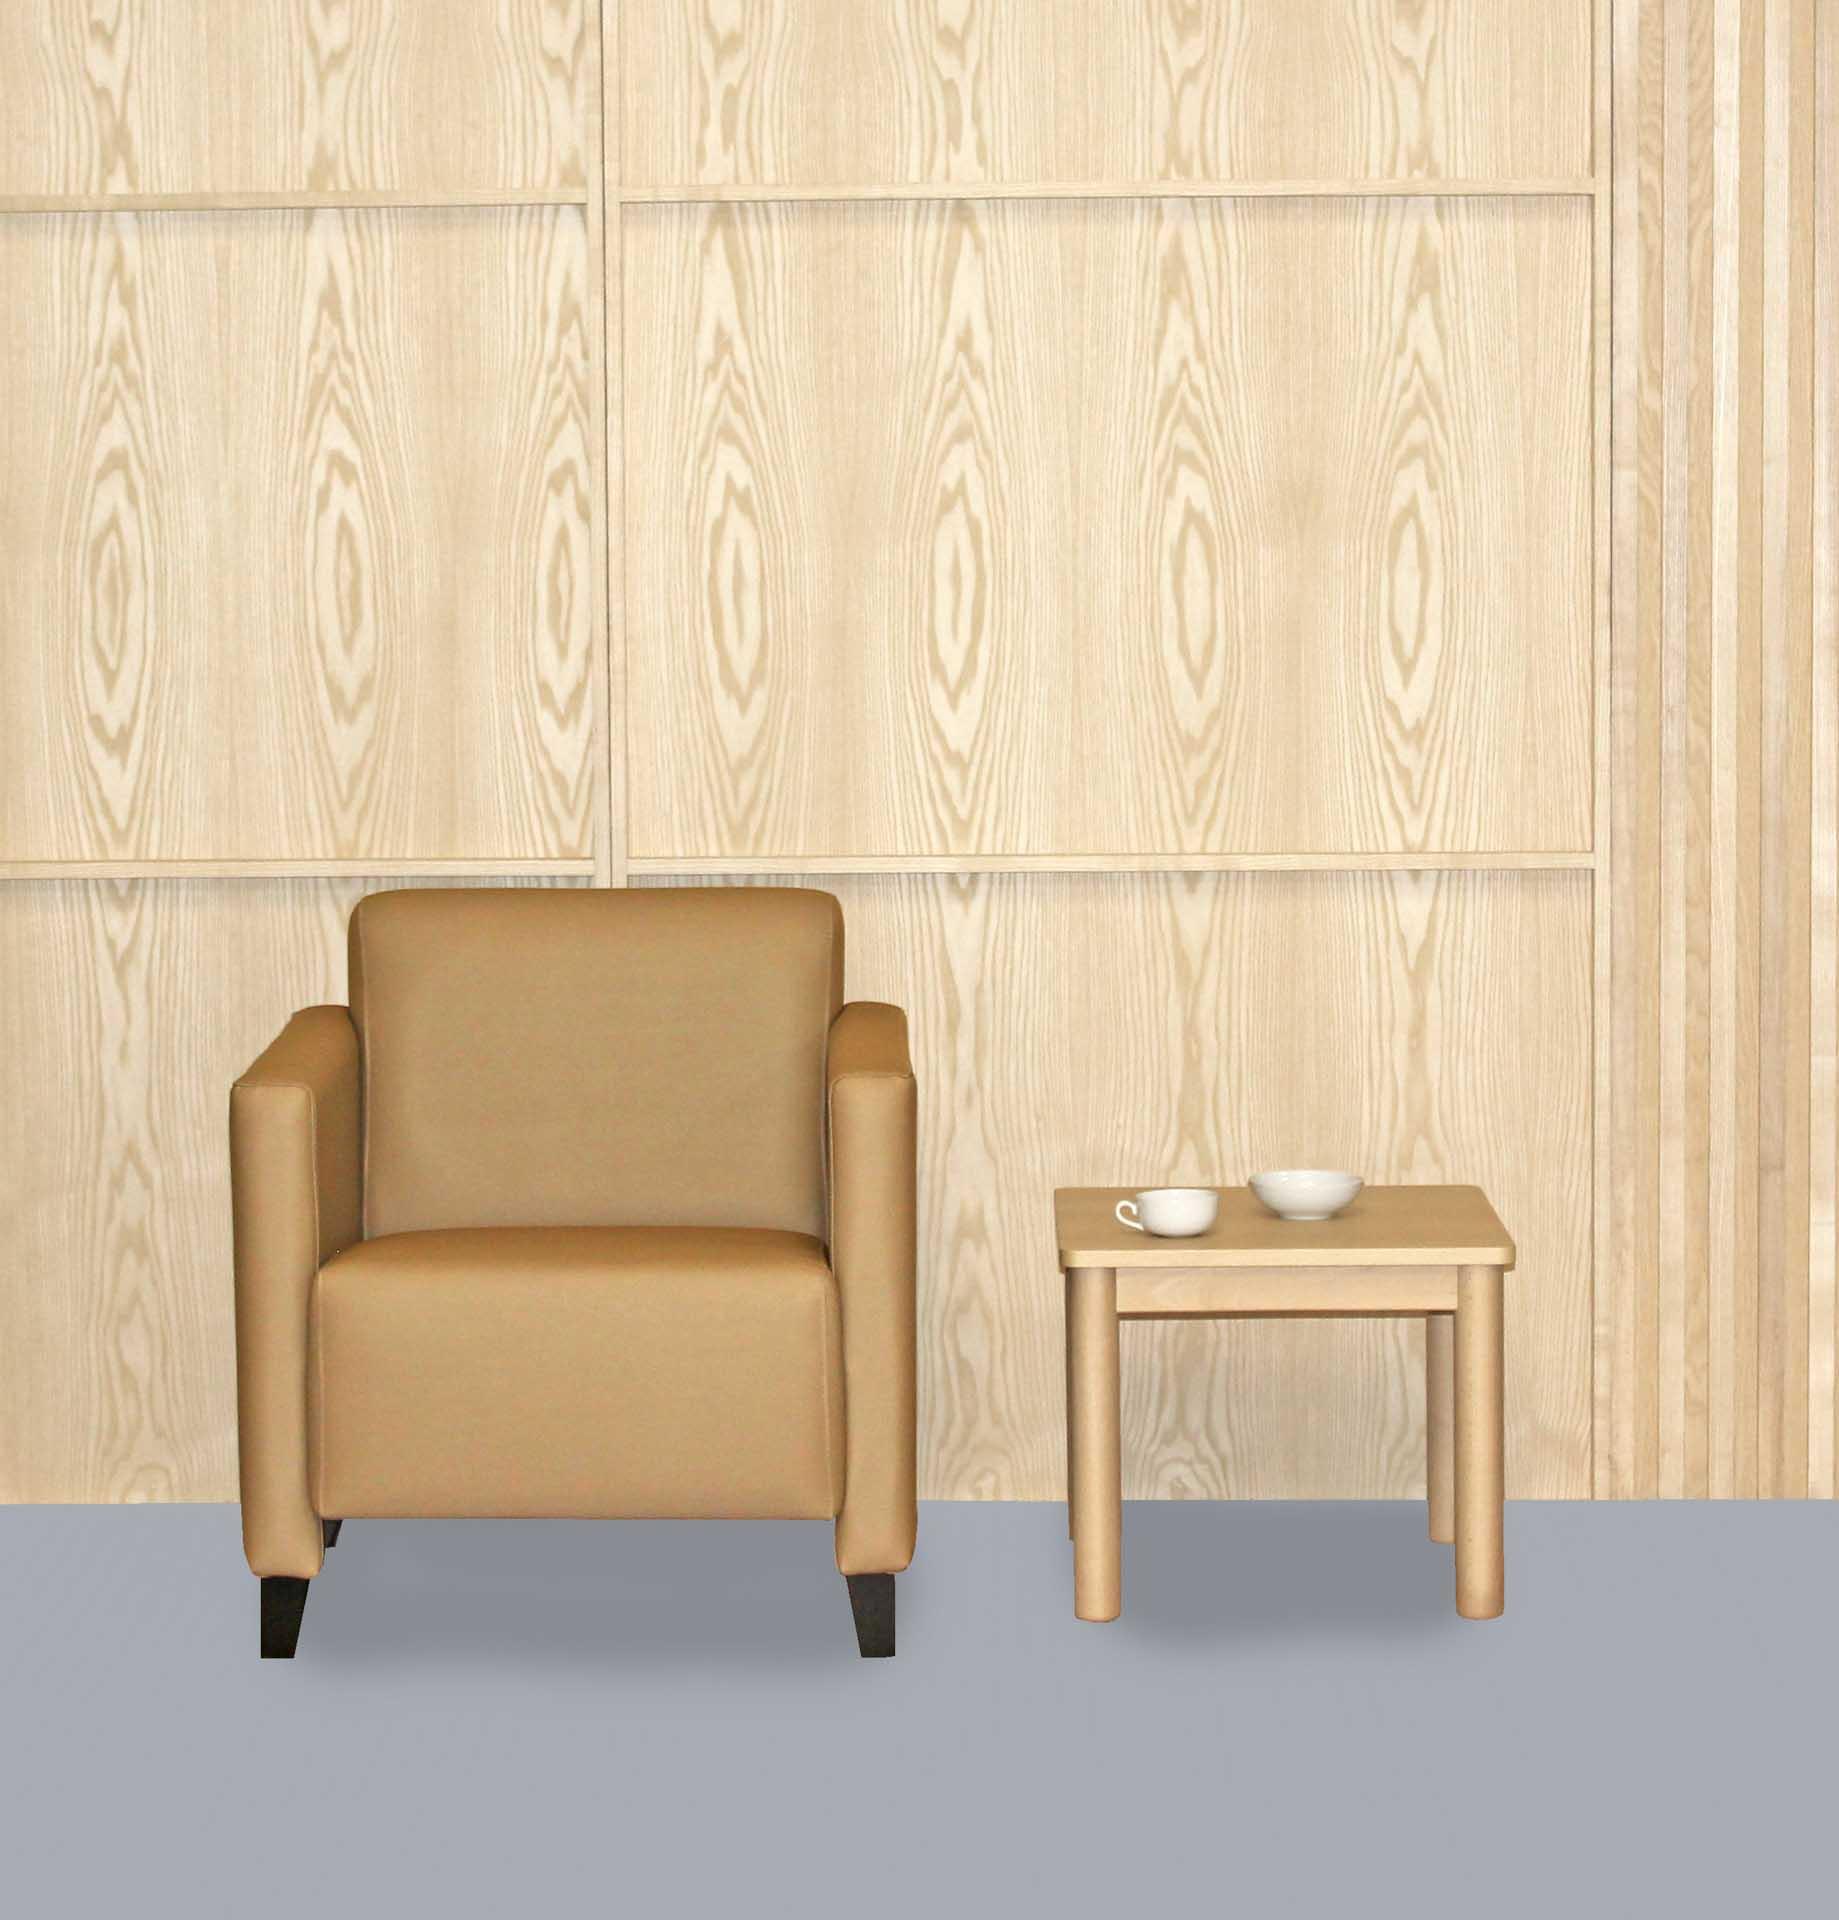 Sillones y sofás para salas de espera, descanso o hall de residencias